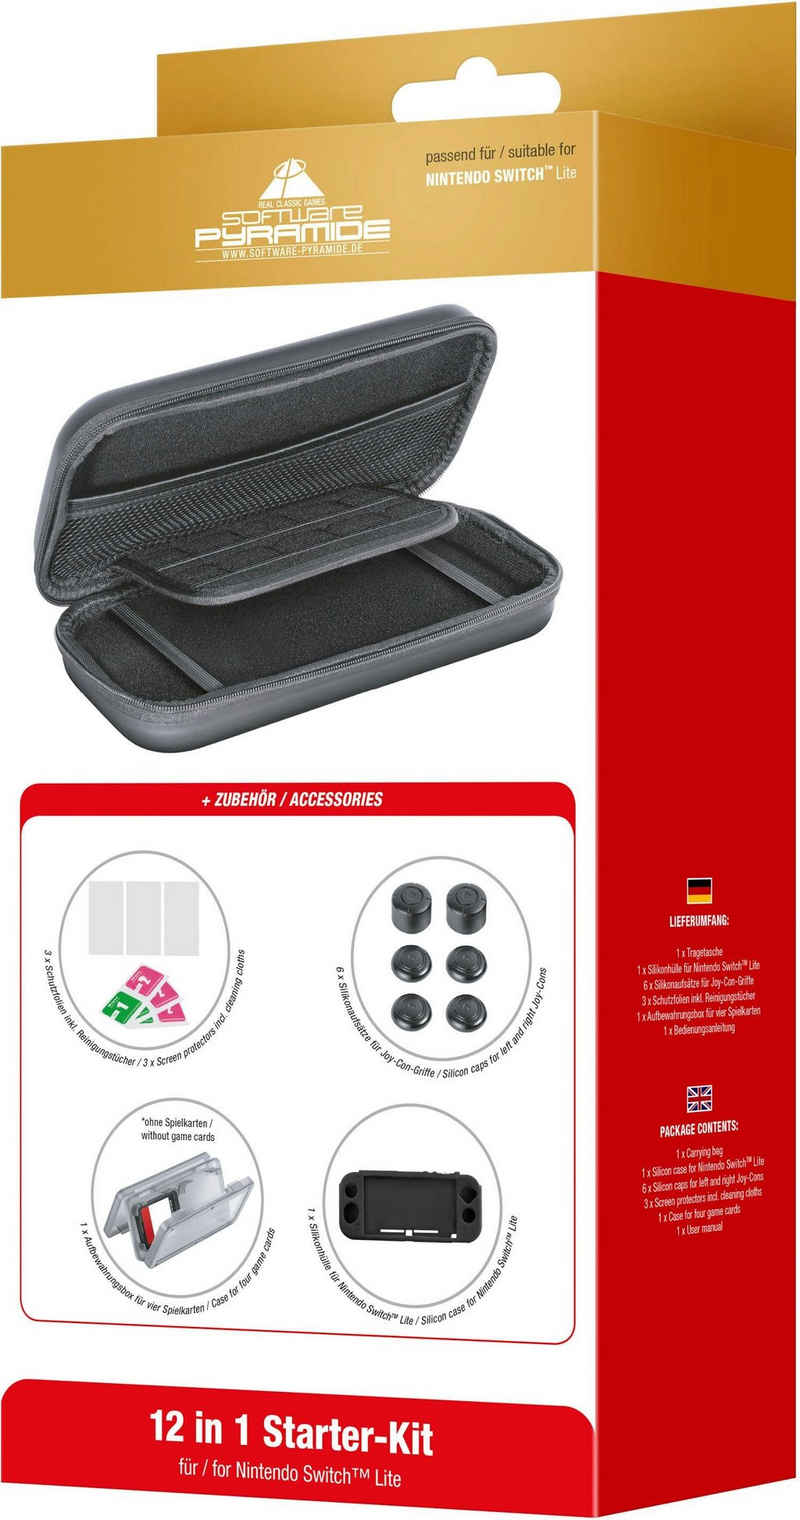 Software Pyramide Tragetasche »12 in 1 Starter-Kit für Nintendo Switch Lite«